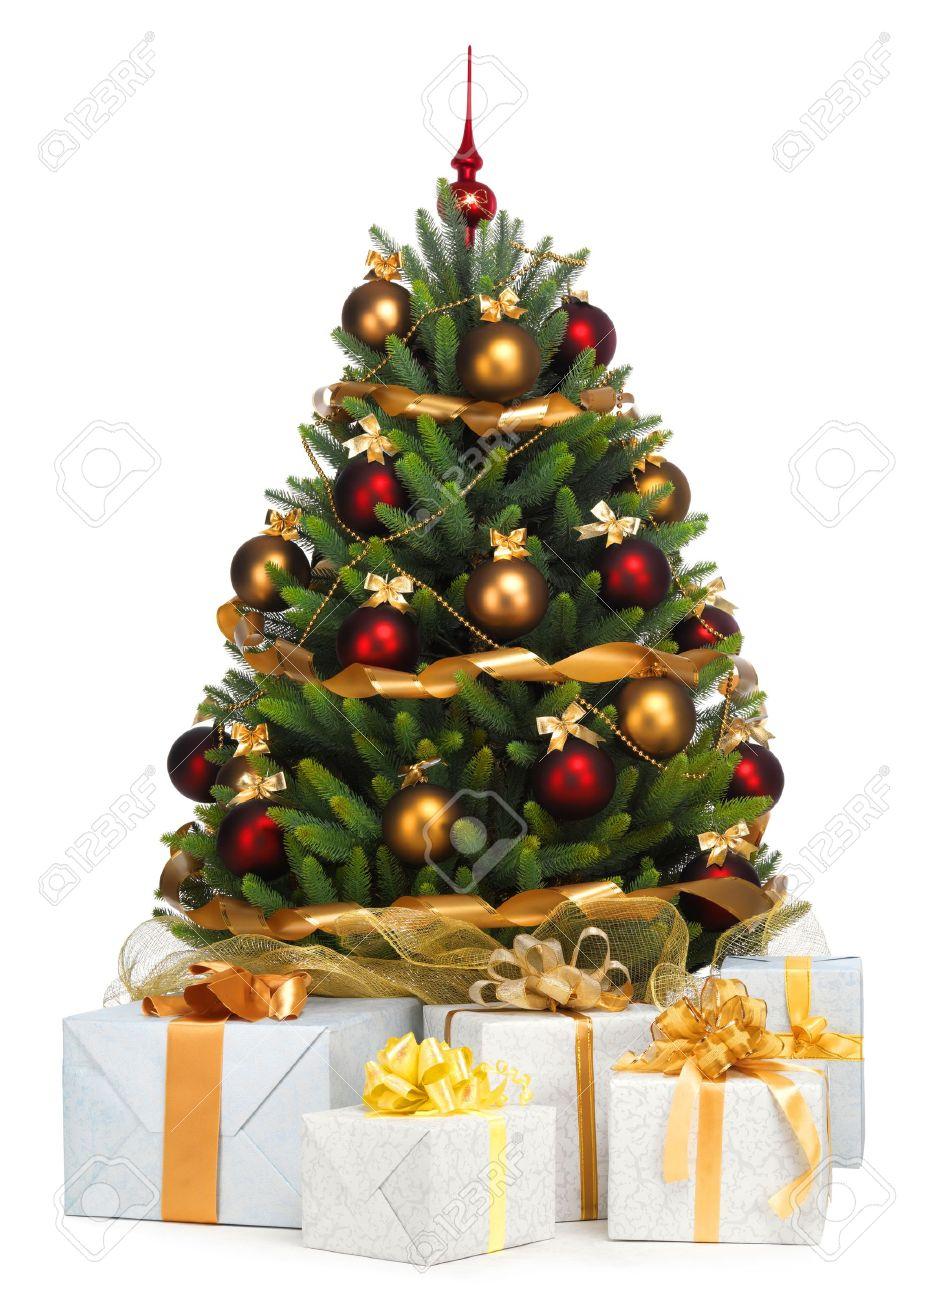 great rbol de navidad decorado sobre fondo blanco foto de archivo with arboles navidad decorados with arboles decorados - Rboles De Navidad Decorados